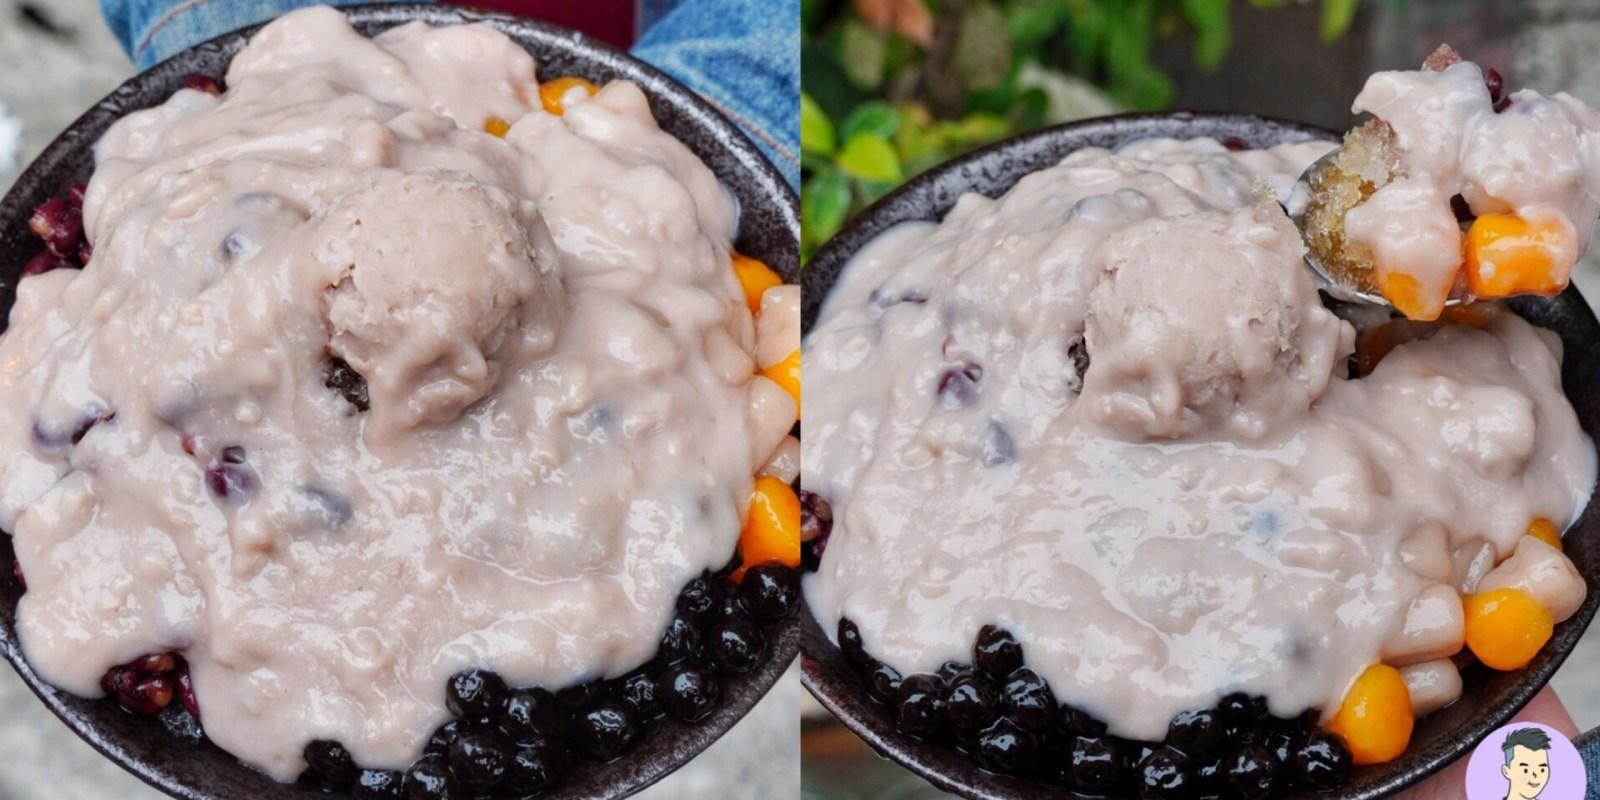 【雲林美食】青麥芋圓「超狂芋泥瀑布冰」芋頭控還不吃爆!滿滿料只要50元銅板價